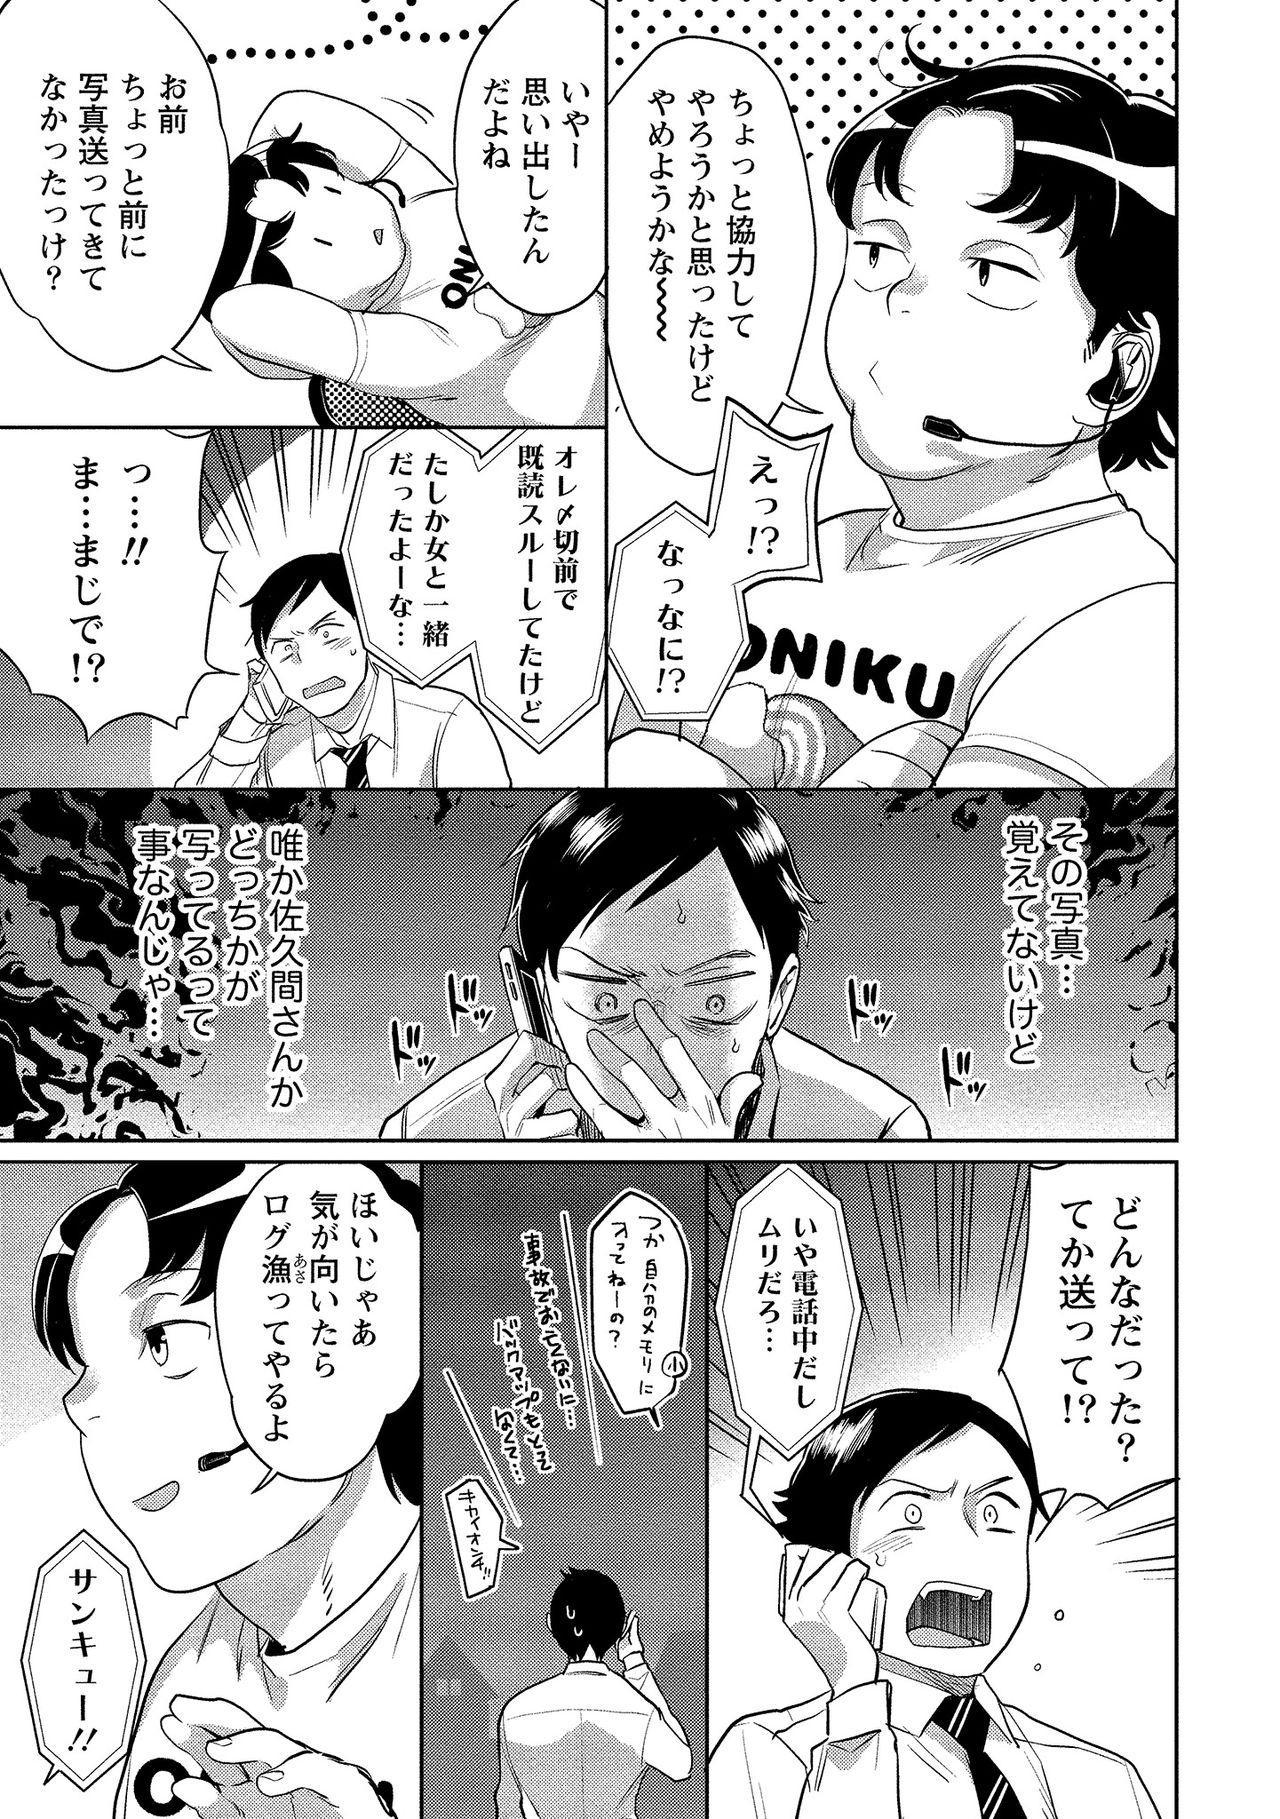 Dorobou Neko wa Kanojo no Hajimari 95